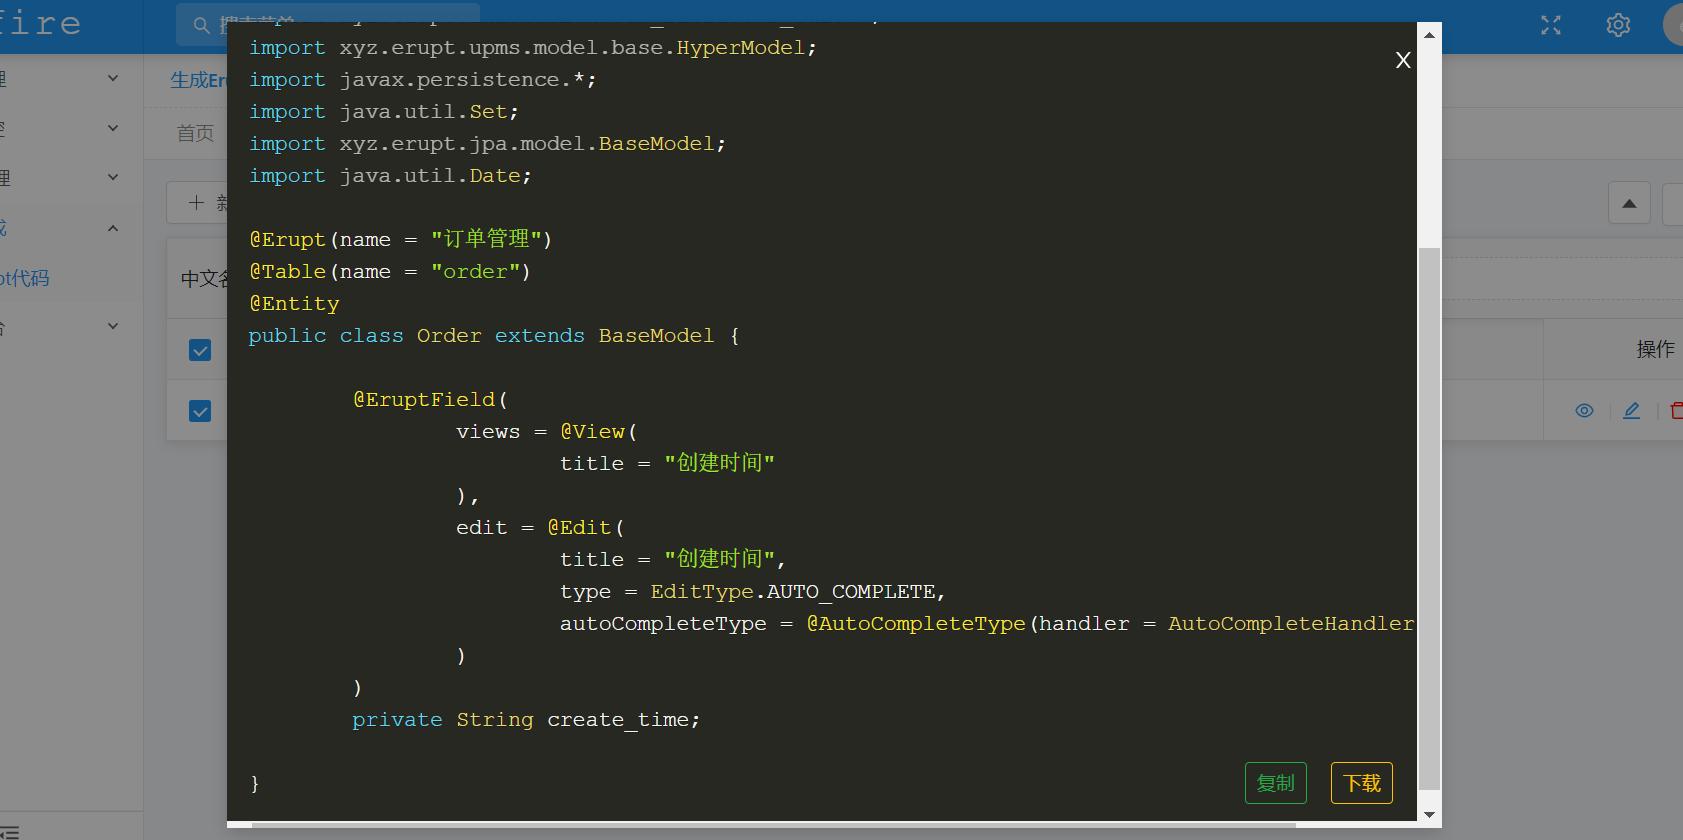 幹掉前端!3分鐘純 Java 註解搭個管理系統